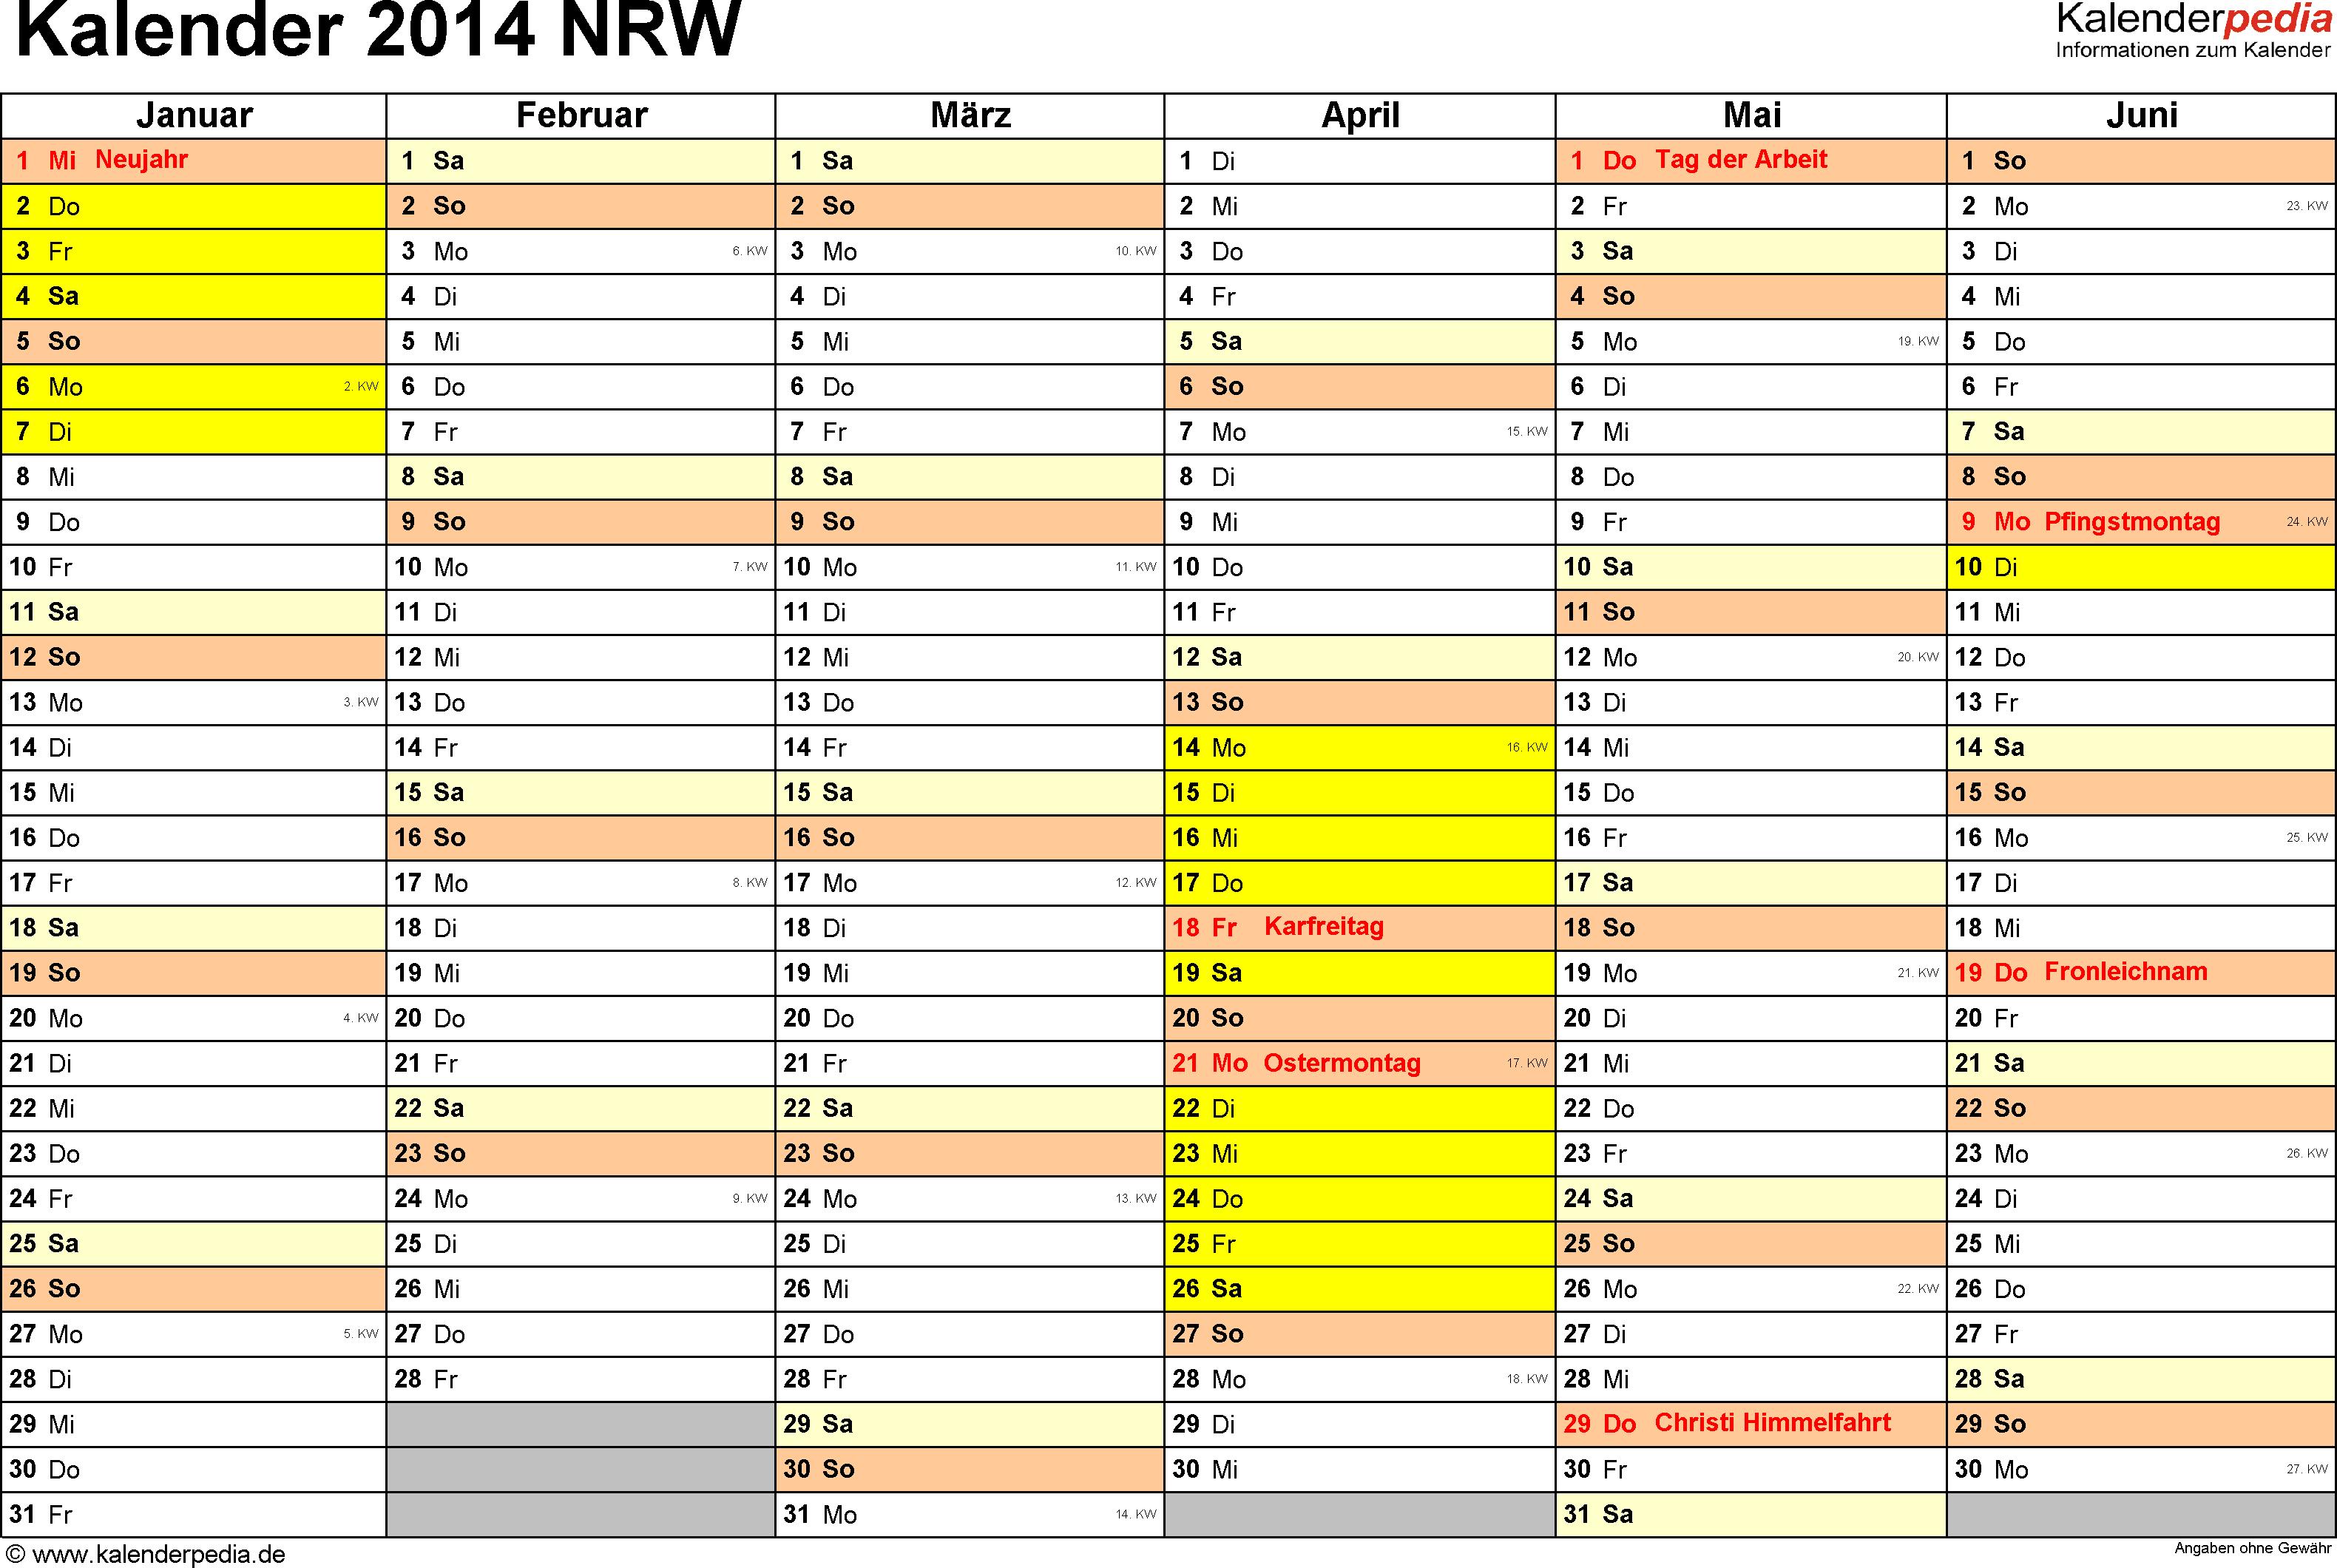 Vorlage 2: Kalender 2014 für Nordrhein-Westfalen (NRW) als PDF-Vorlagen (Querformat, 2 Seiten)